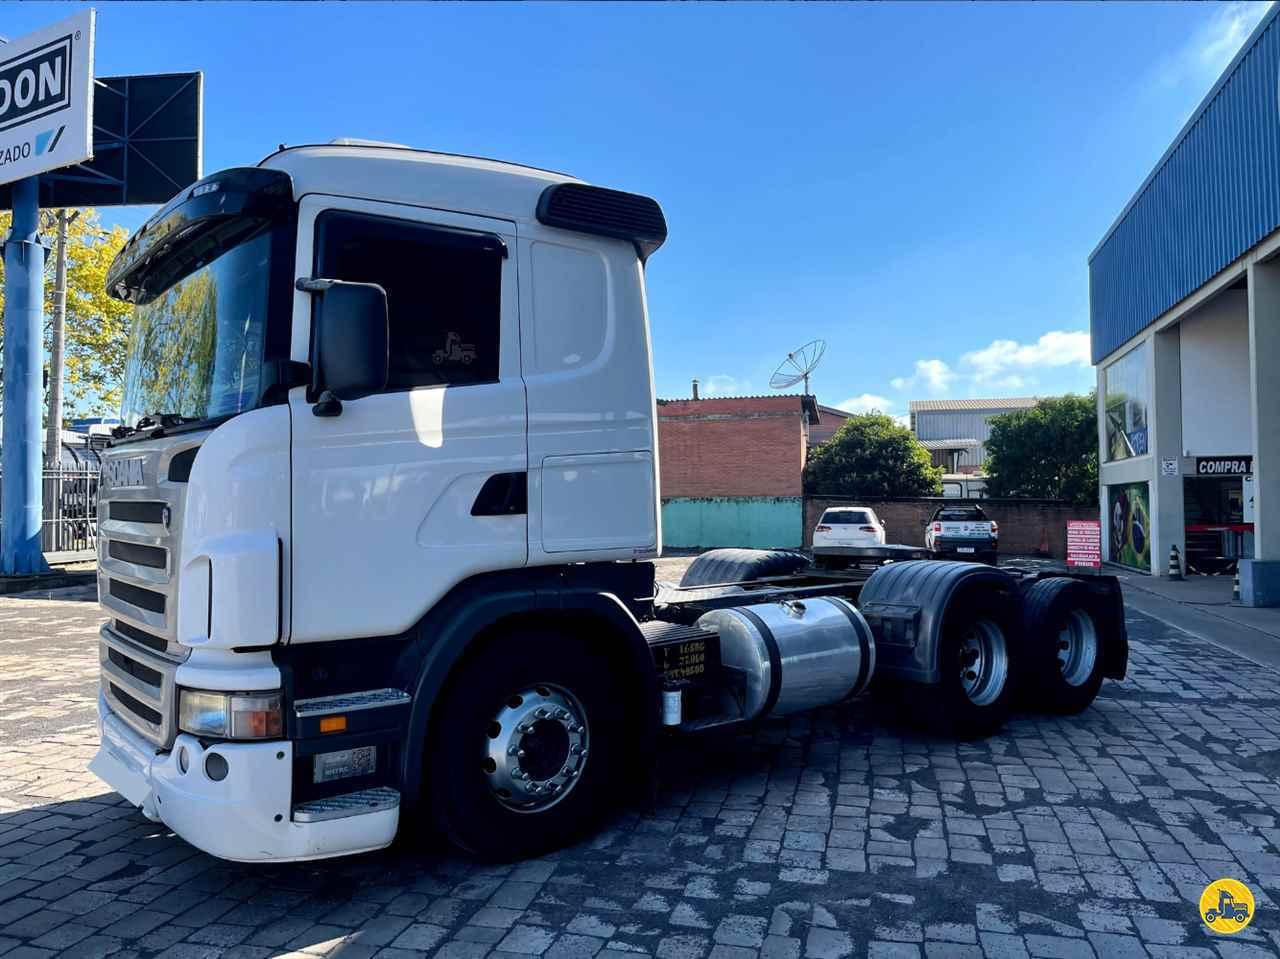 CAMINHAO SCANIA SCANIA 380 Cavalo Mecânico Truck 6x2 Campagnaro Caminhões VACARIA RIO GRANDE DO SUL RS